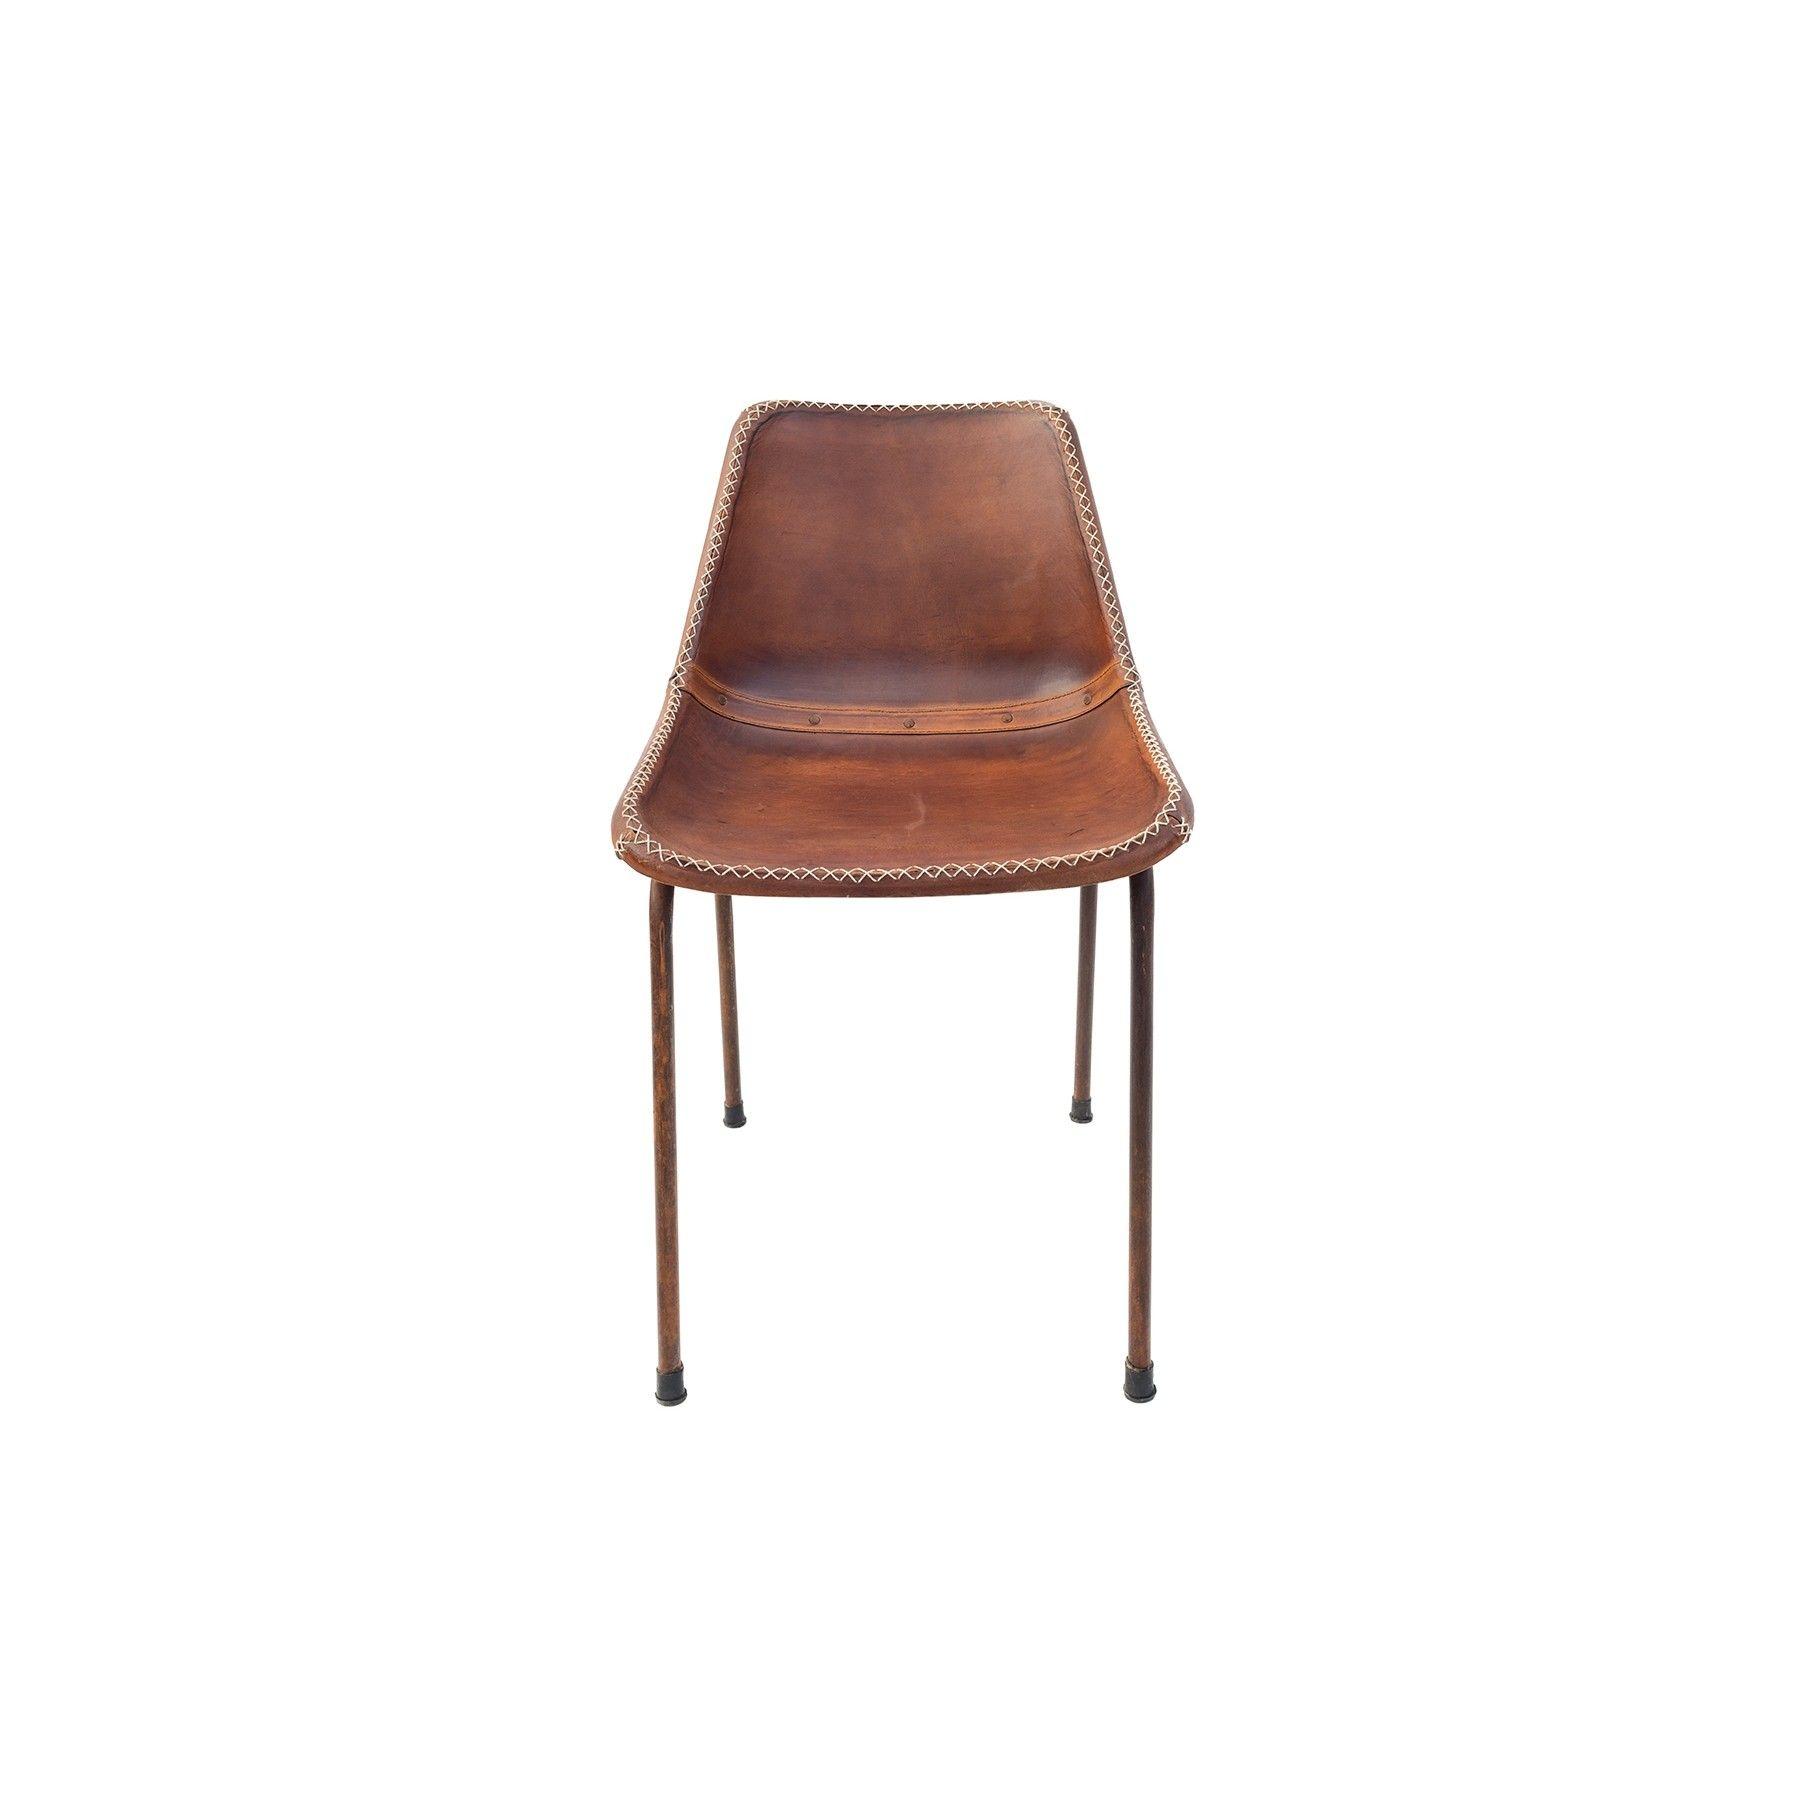 Silla cuero vintage mobiliario pinterest sillas for Sillas comedor cuero marron